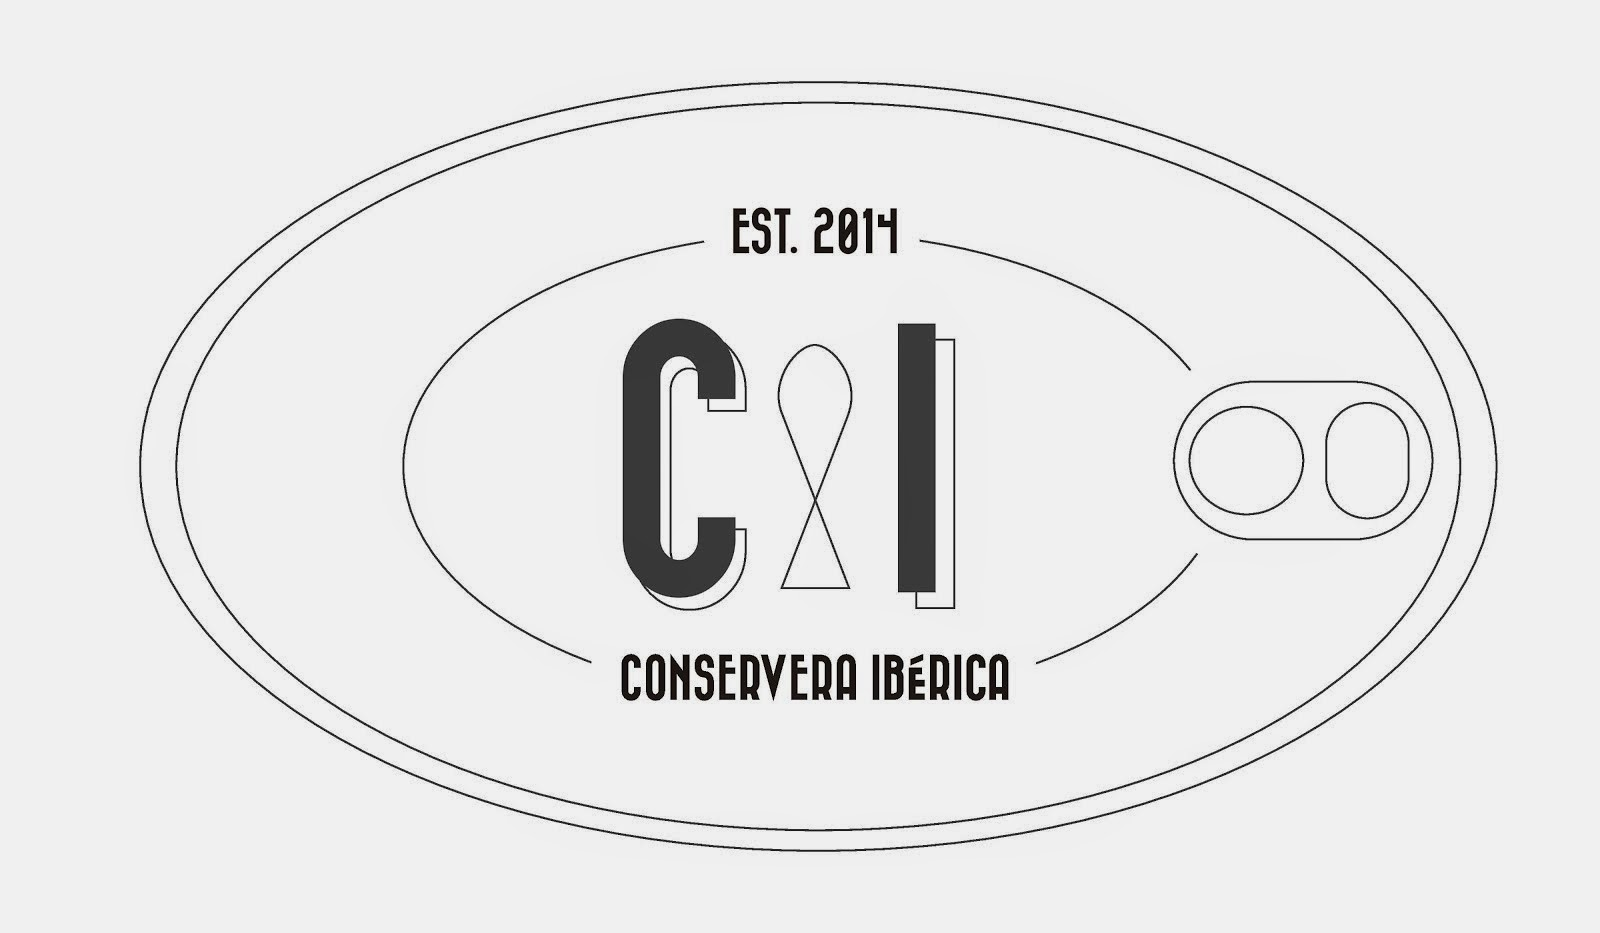 Conservera Ibérica